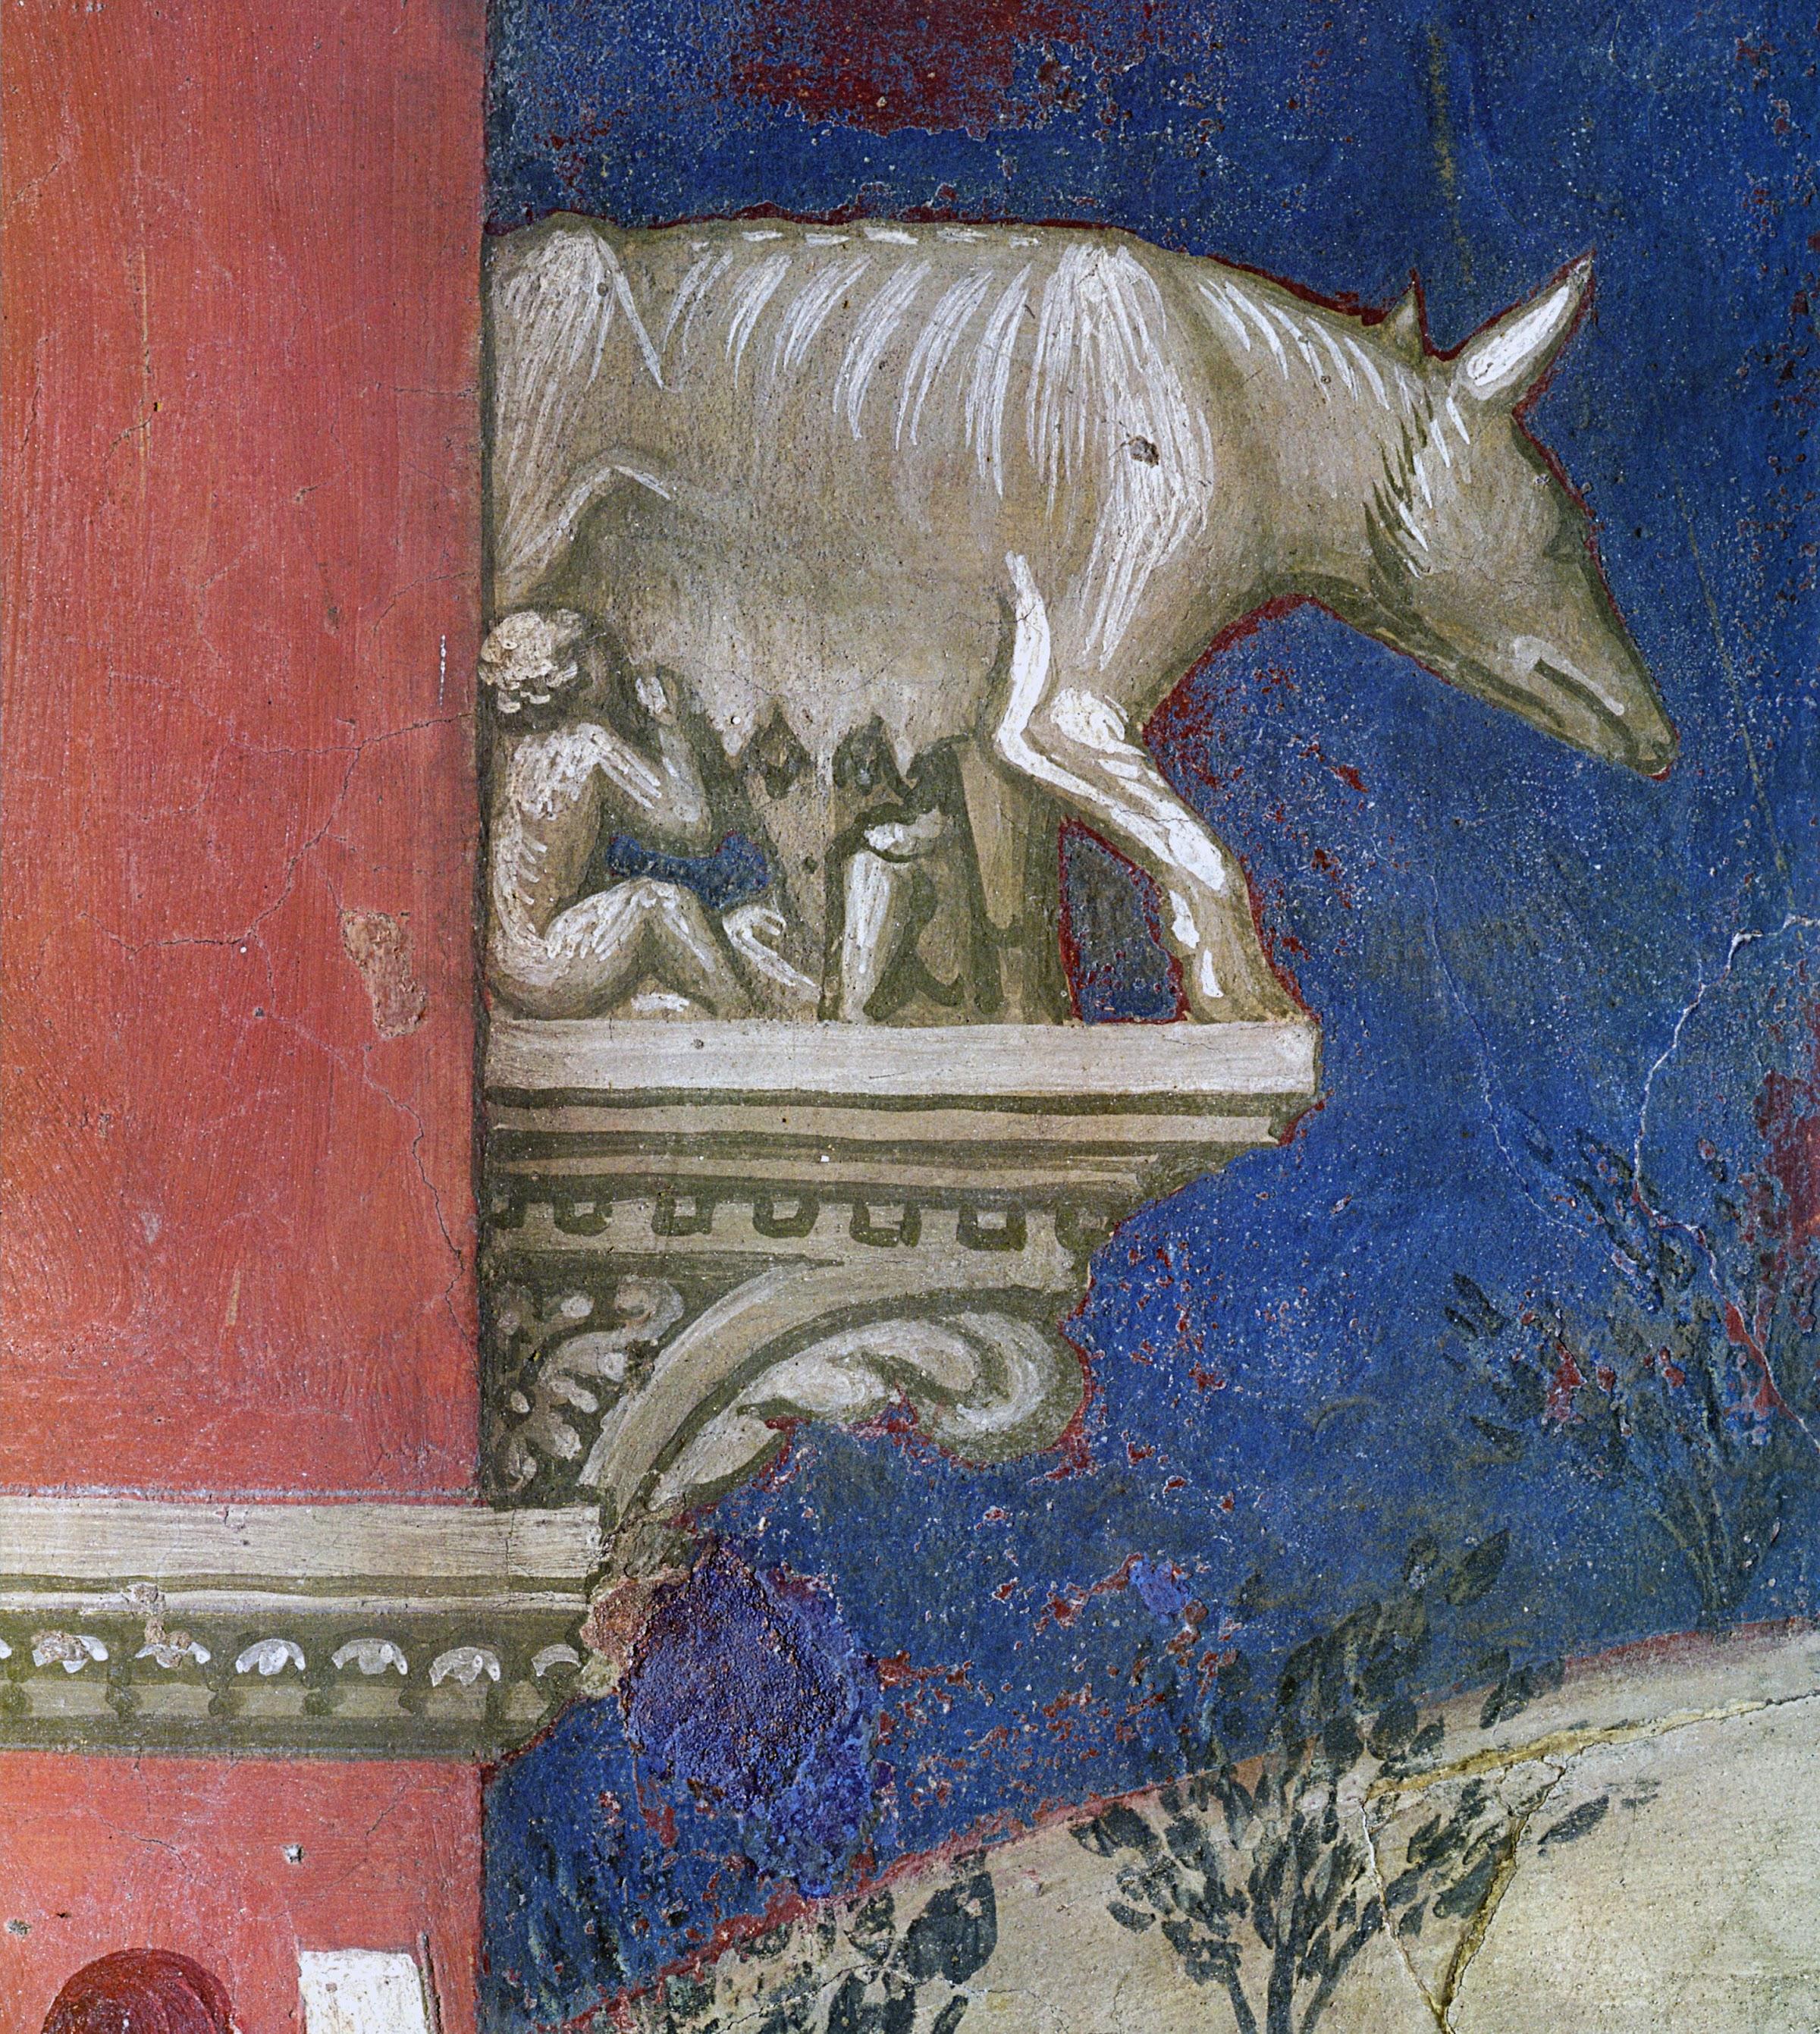 Ambrogio Lorenzetti, Effetti del Buon Governo in campagna, (particolare della Lupa romana sulle mura cittadine), Palazzo Pubblico, Siena